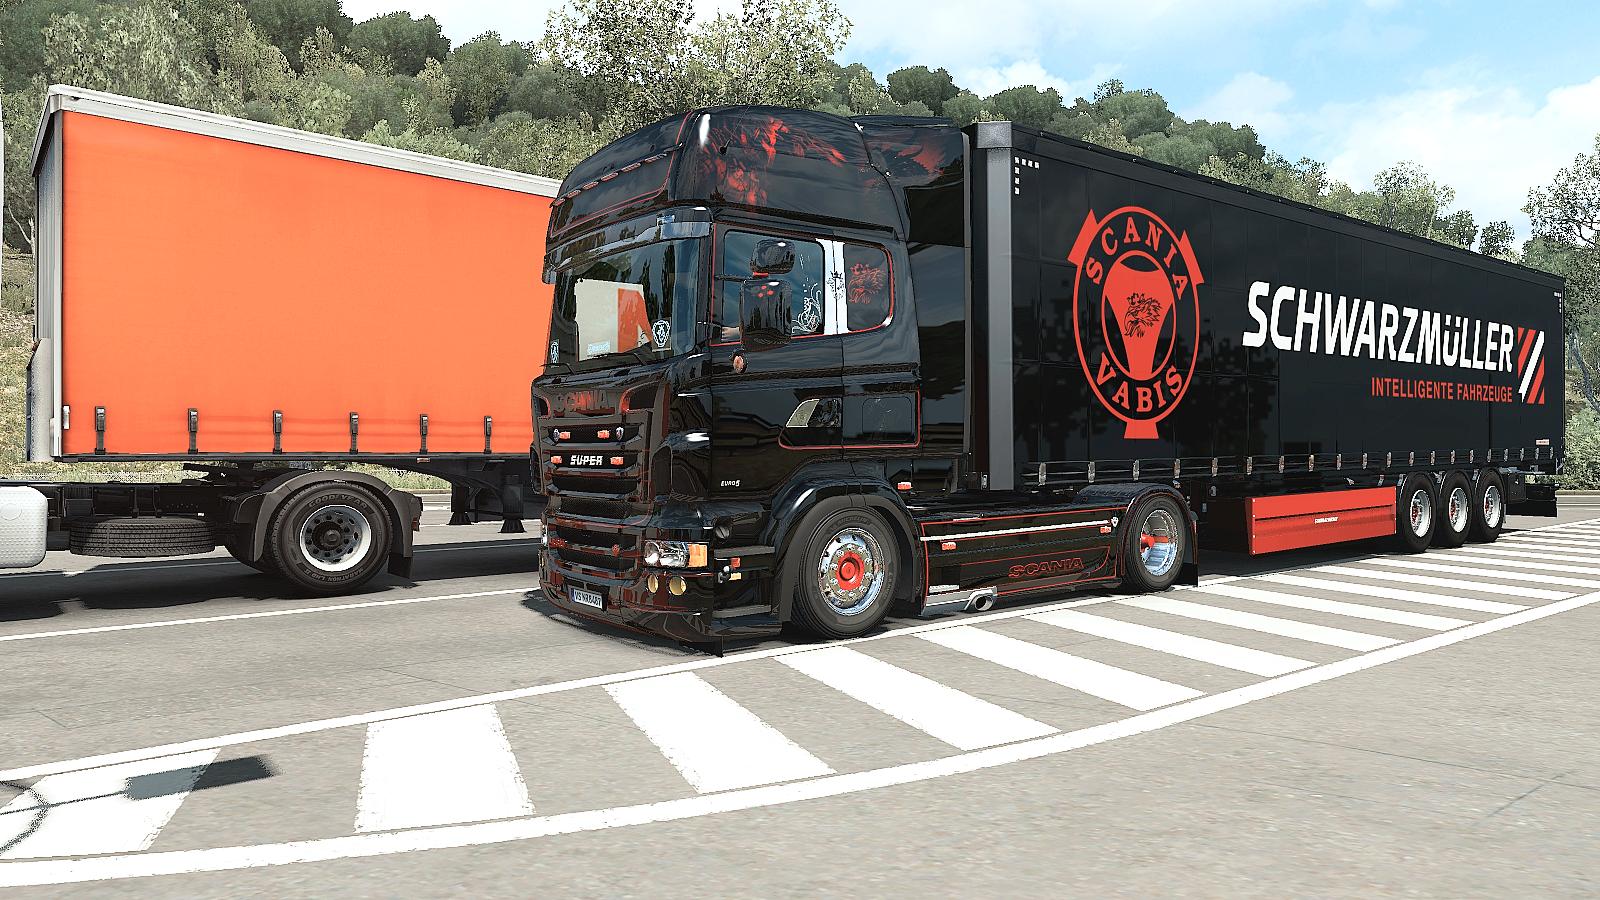 eurotrucks2 2018-06-06 19-41-20.png - Euro Truck Simulator 2